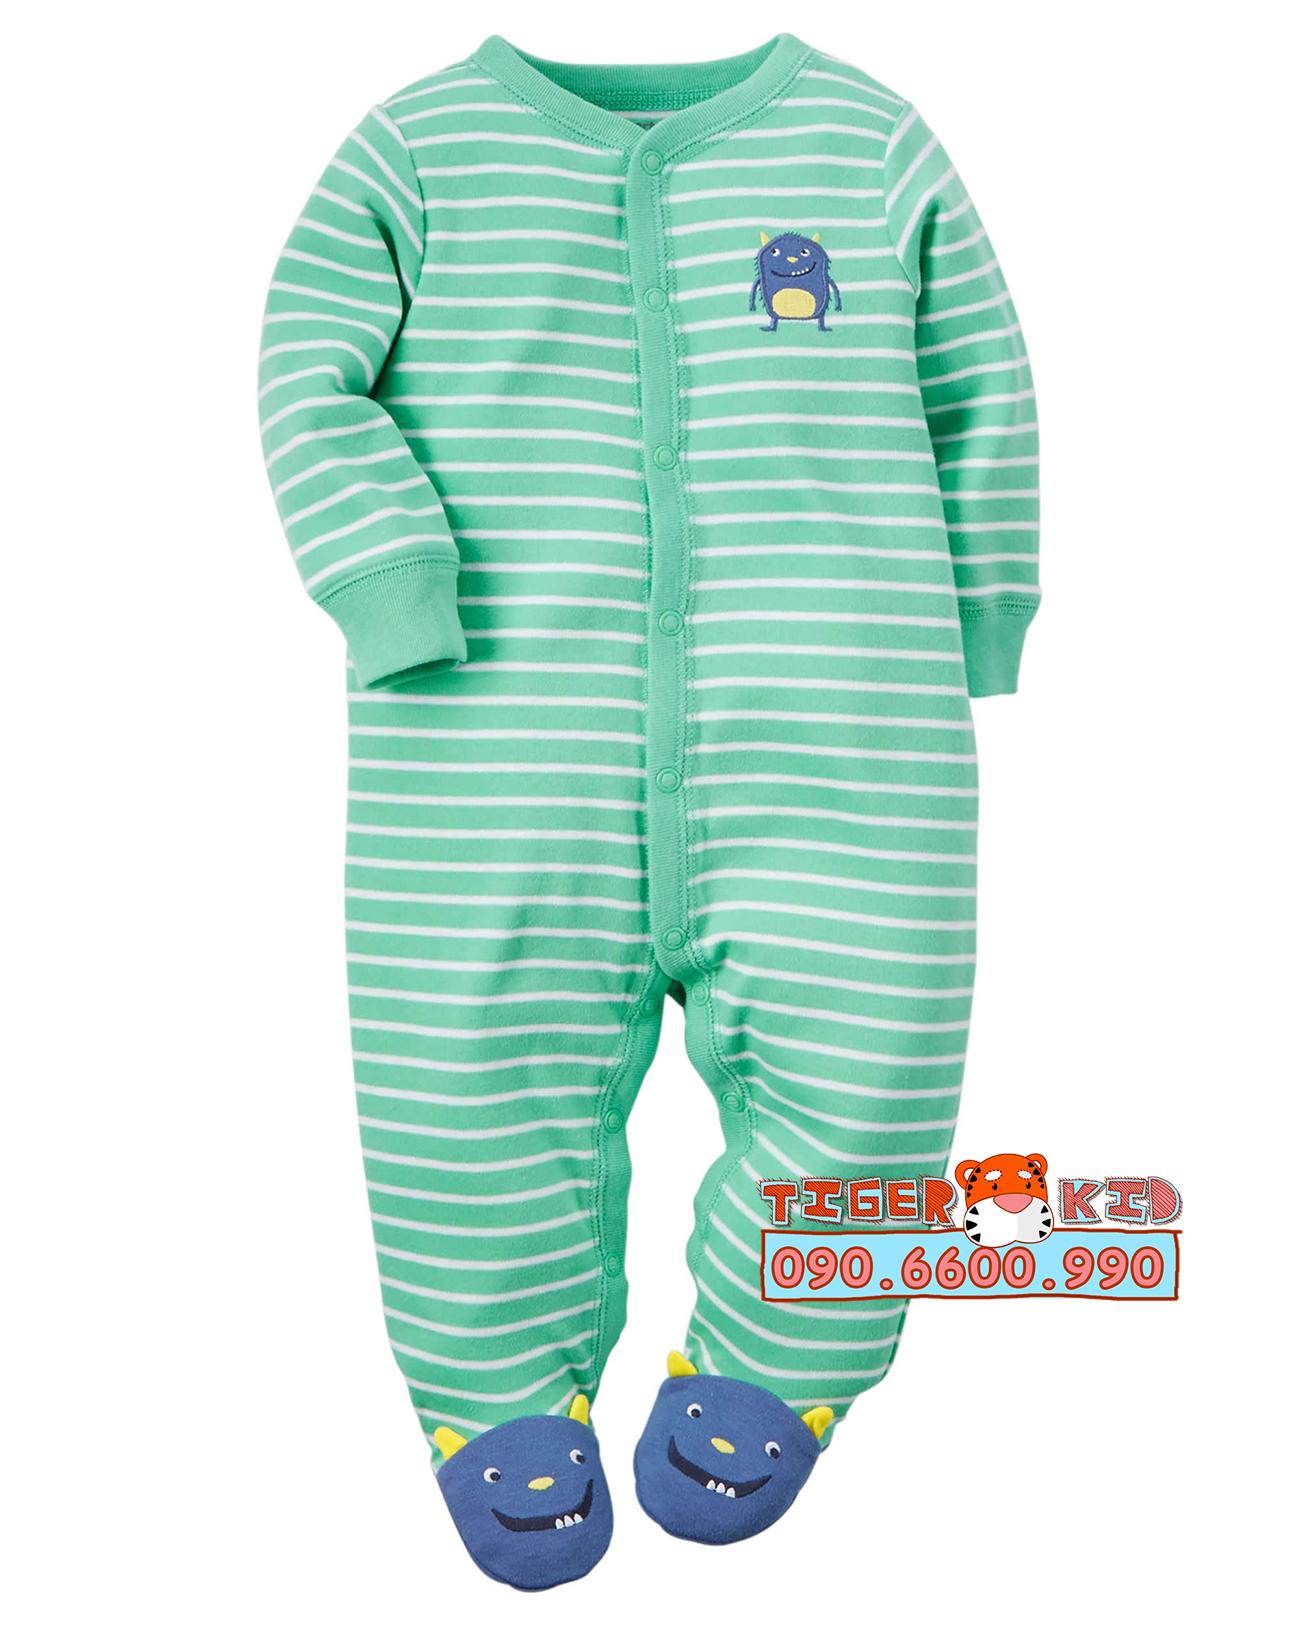 30631573100 f92430e1e7 o Sleepsuit nhập Mỹ size 6M;9M